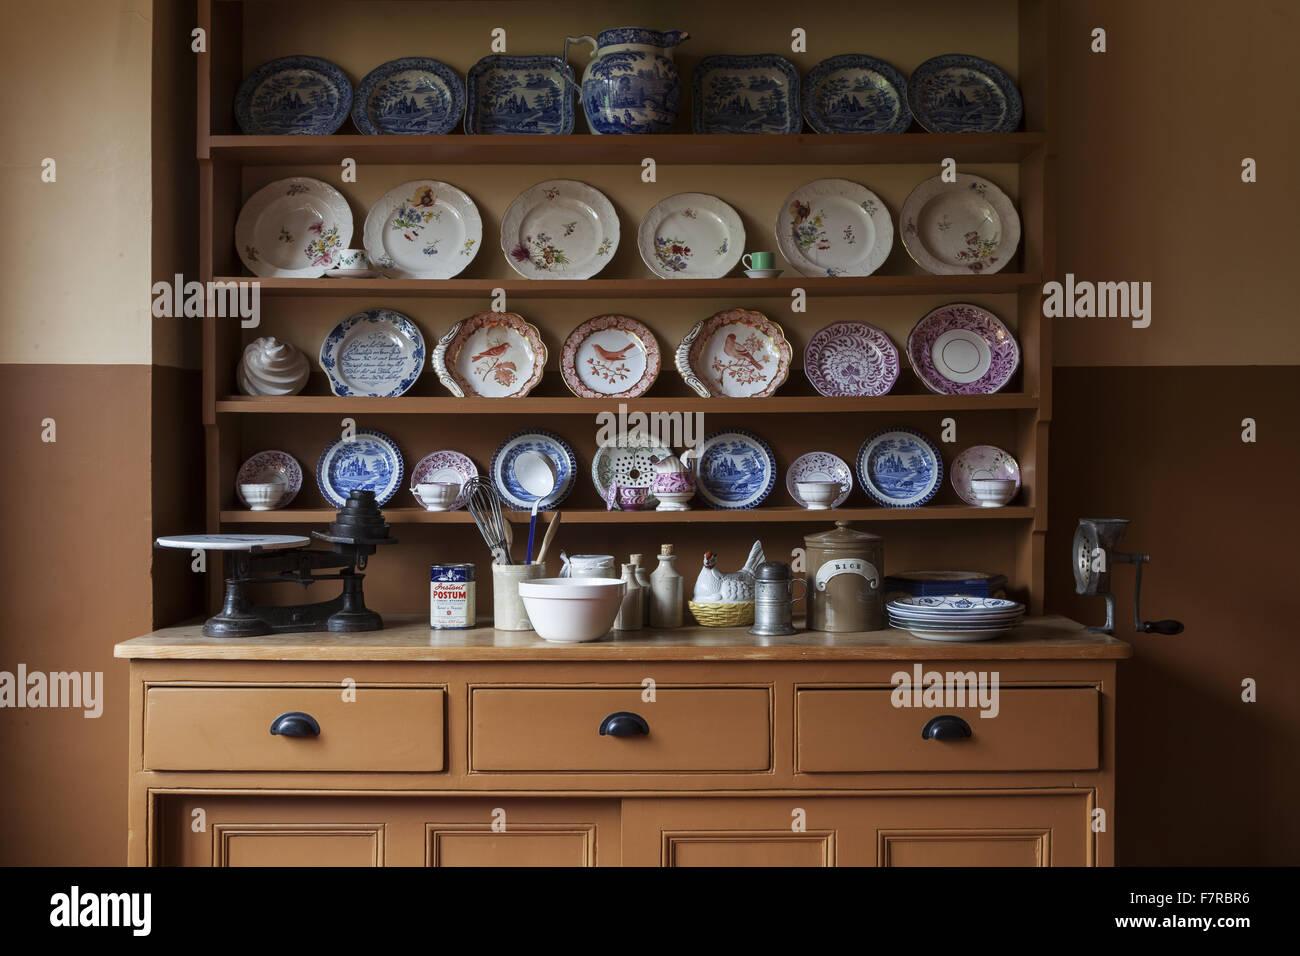 Le Vaisselier avec vaisselle et ustensiles de cuisine affiche sur le vaisselier de